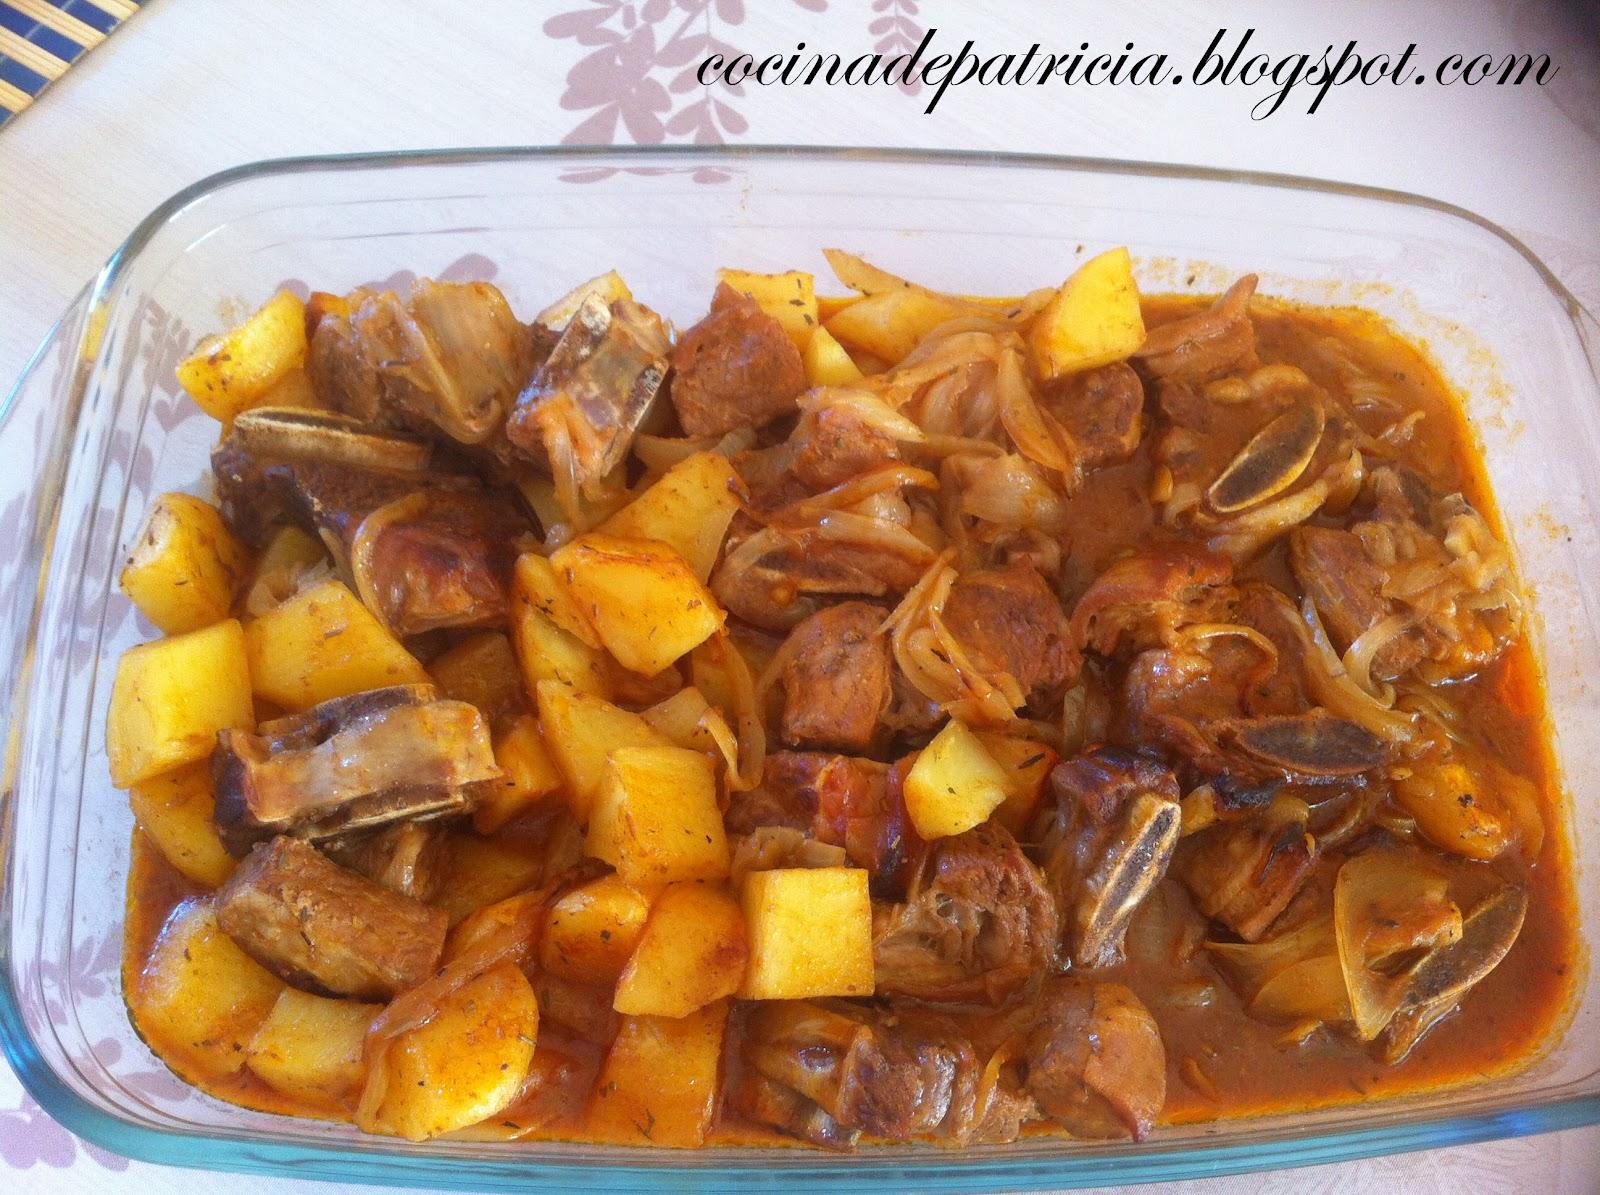 La cocina de patricia estofado de ternera al horno - Cocina al horno ...